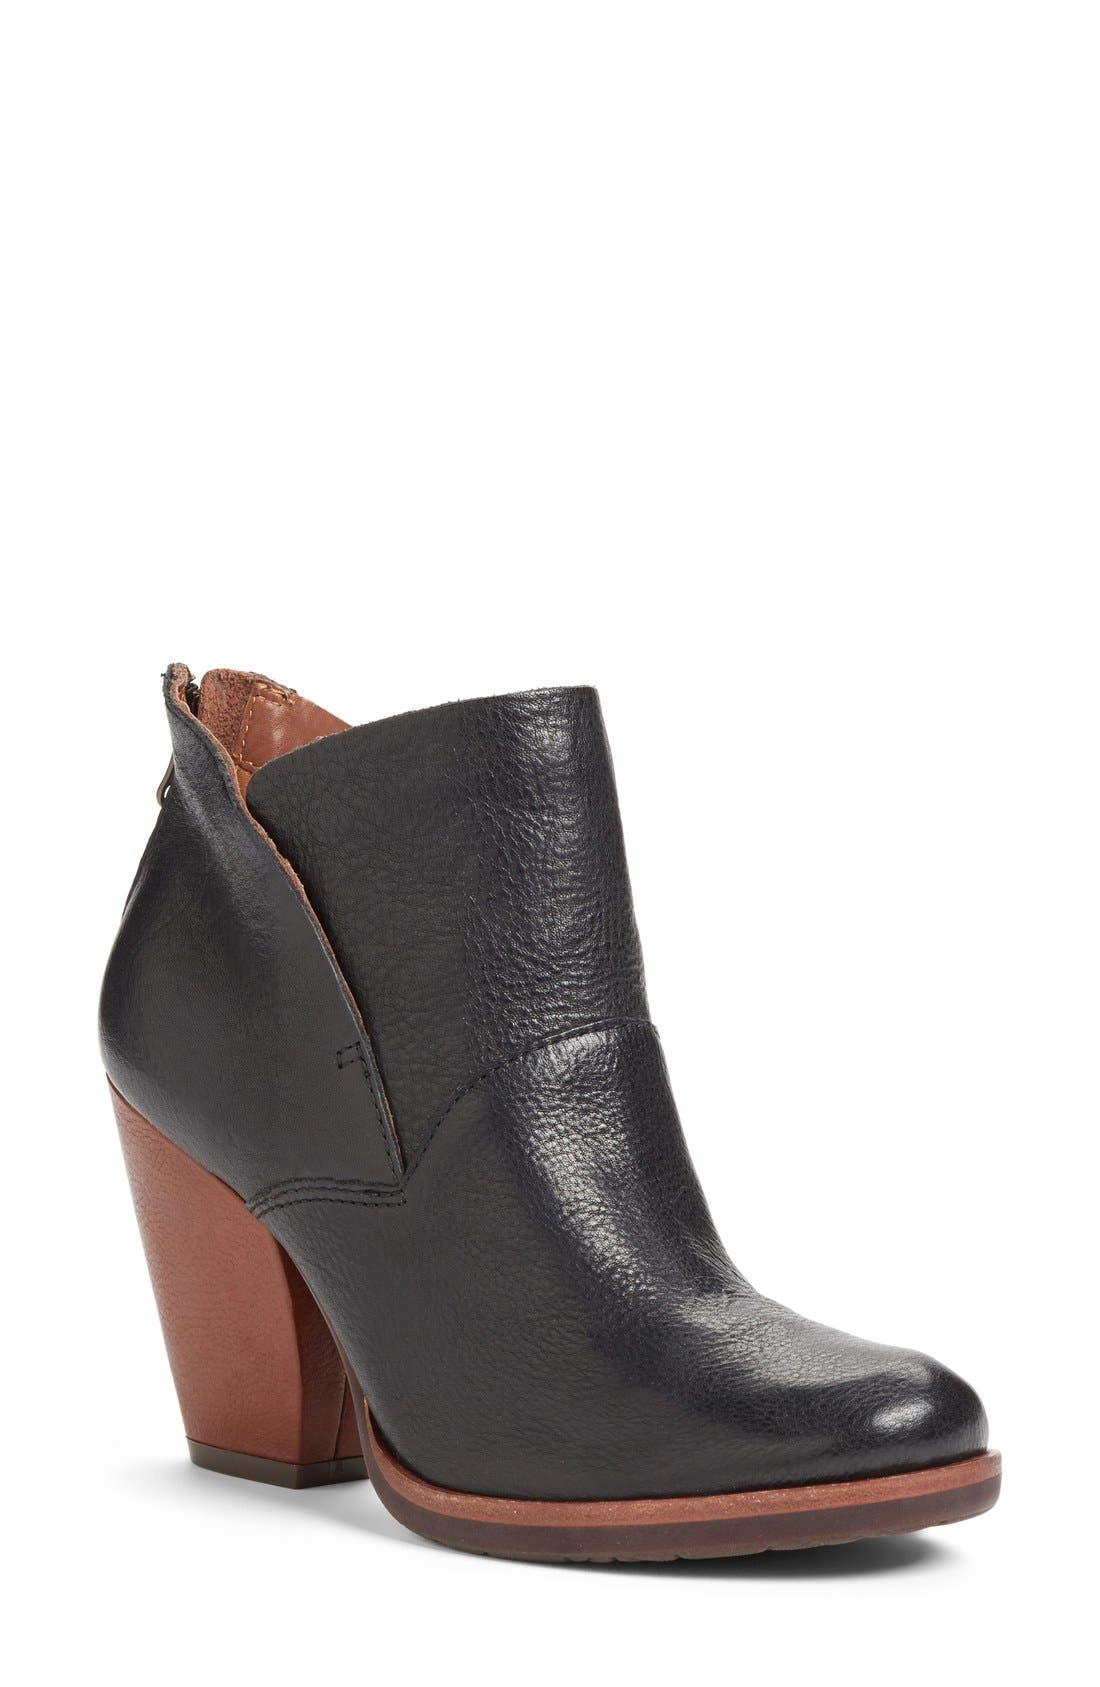 Sale alerts for Kork-Ease® Kork-Ease™ 'Castaneda' Ankle Boot (Women) - Covvet